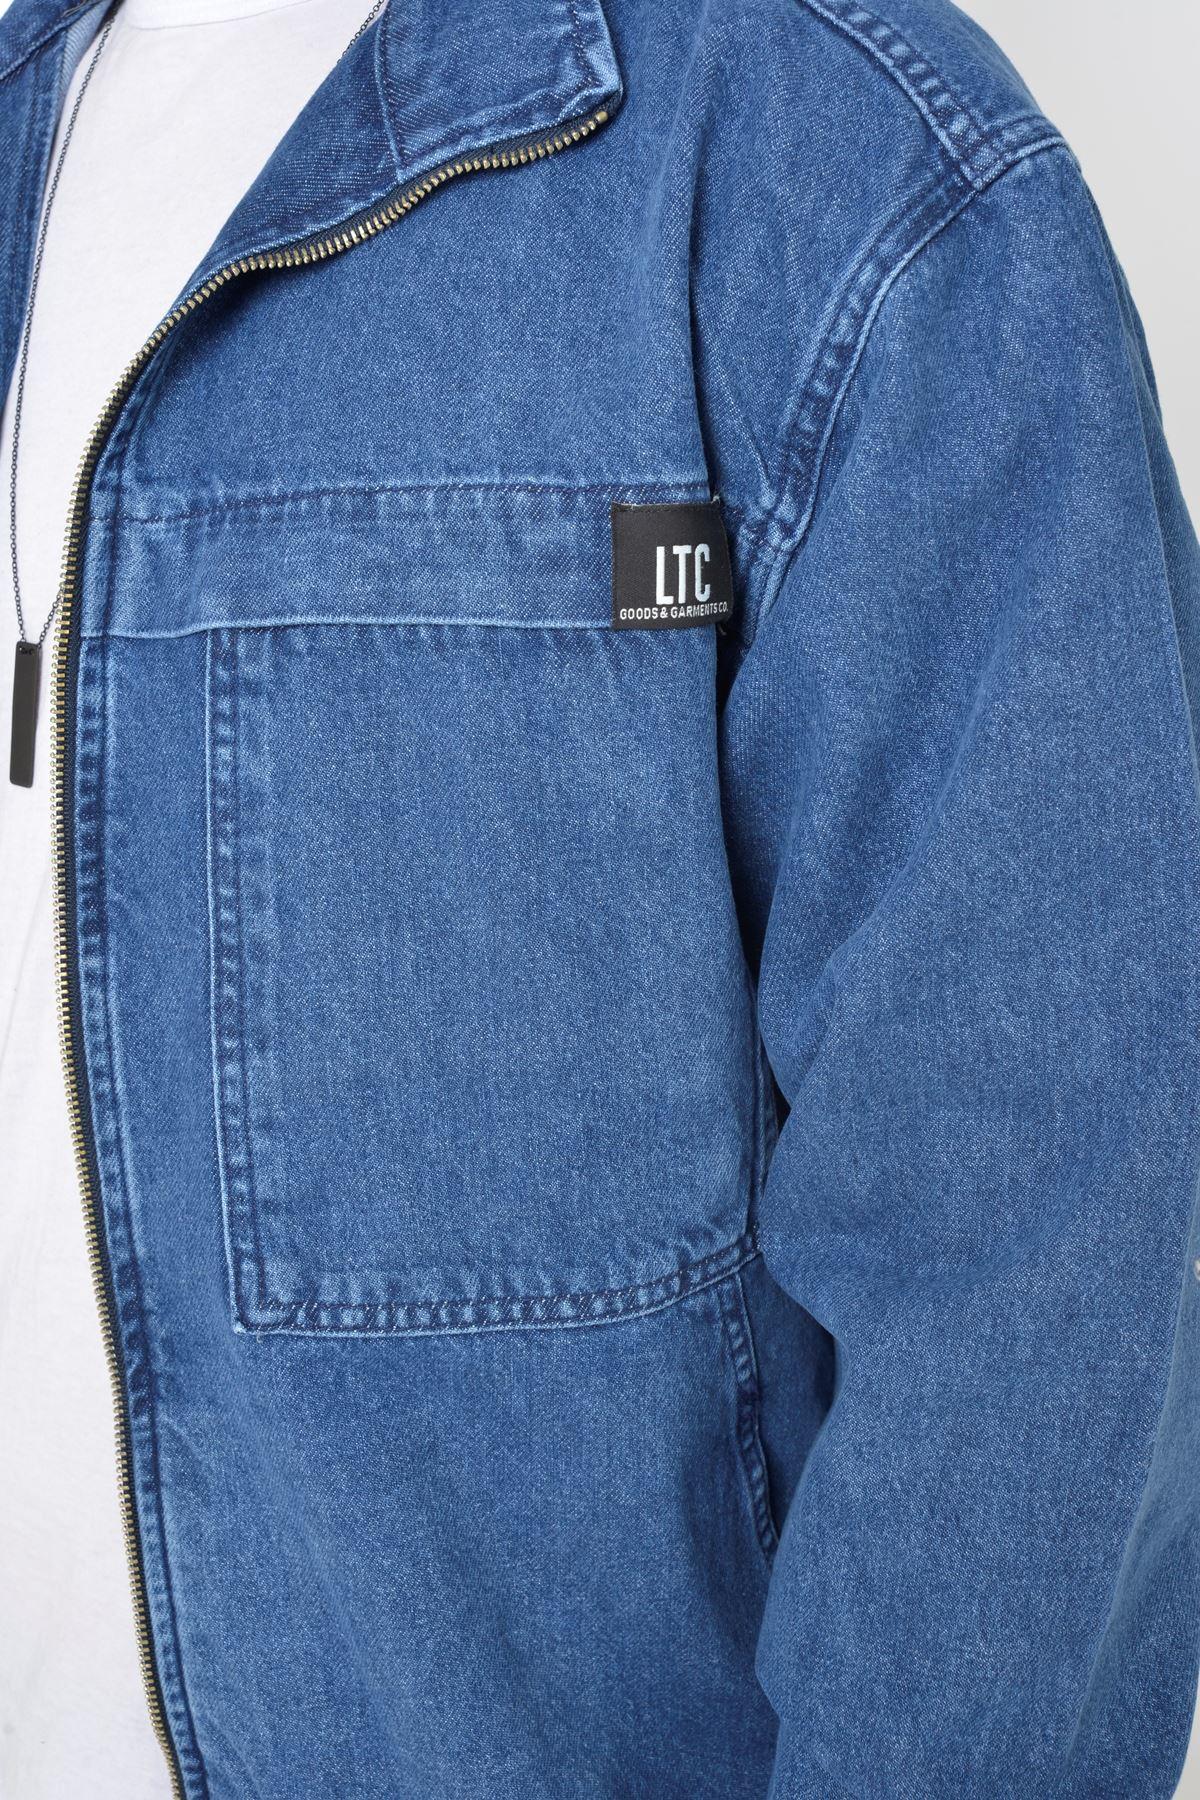 Oversize Mavi Yıkamalı Modelli Erkek Fermuarlı Bomber Kot Ceket